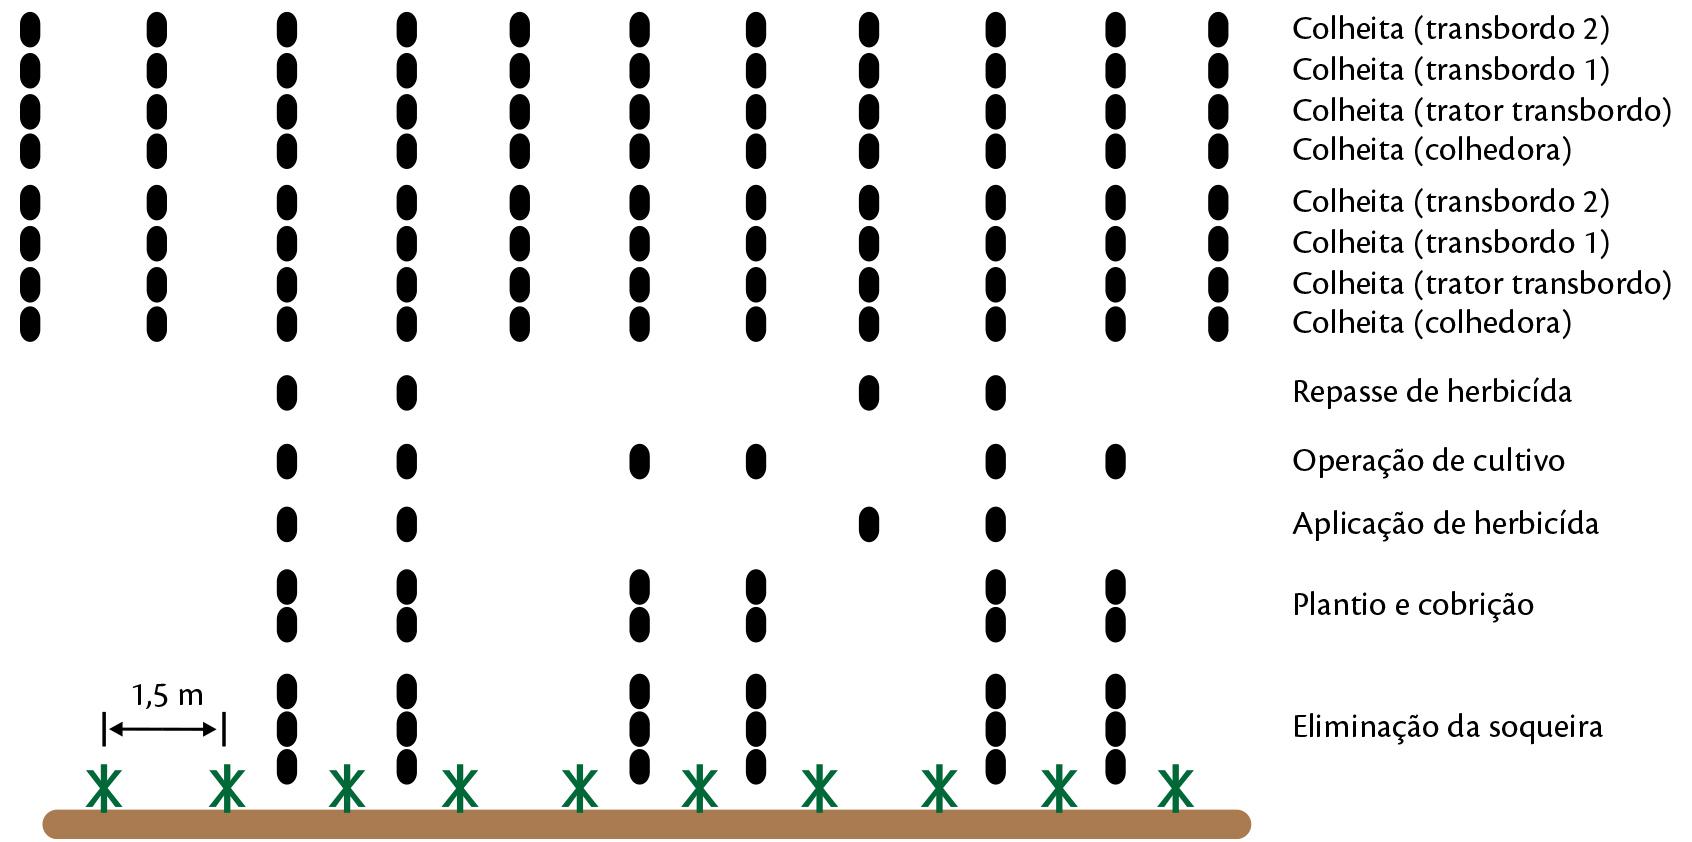 Número de passadas de pneus nas entrelinhas de plantio da cana-de-açúcar na mecanização convencional com controle de tráfego